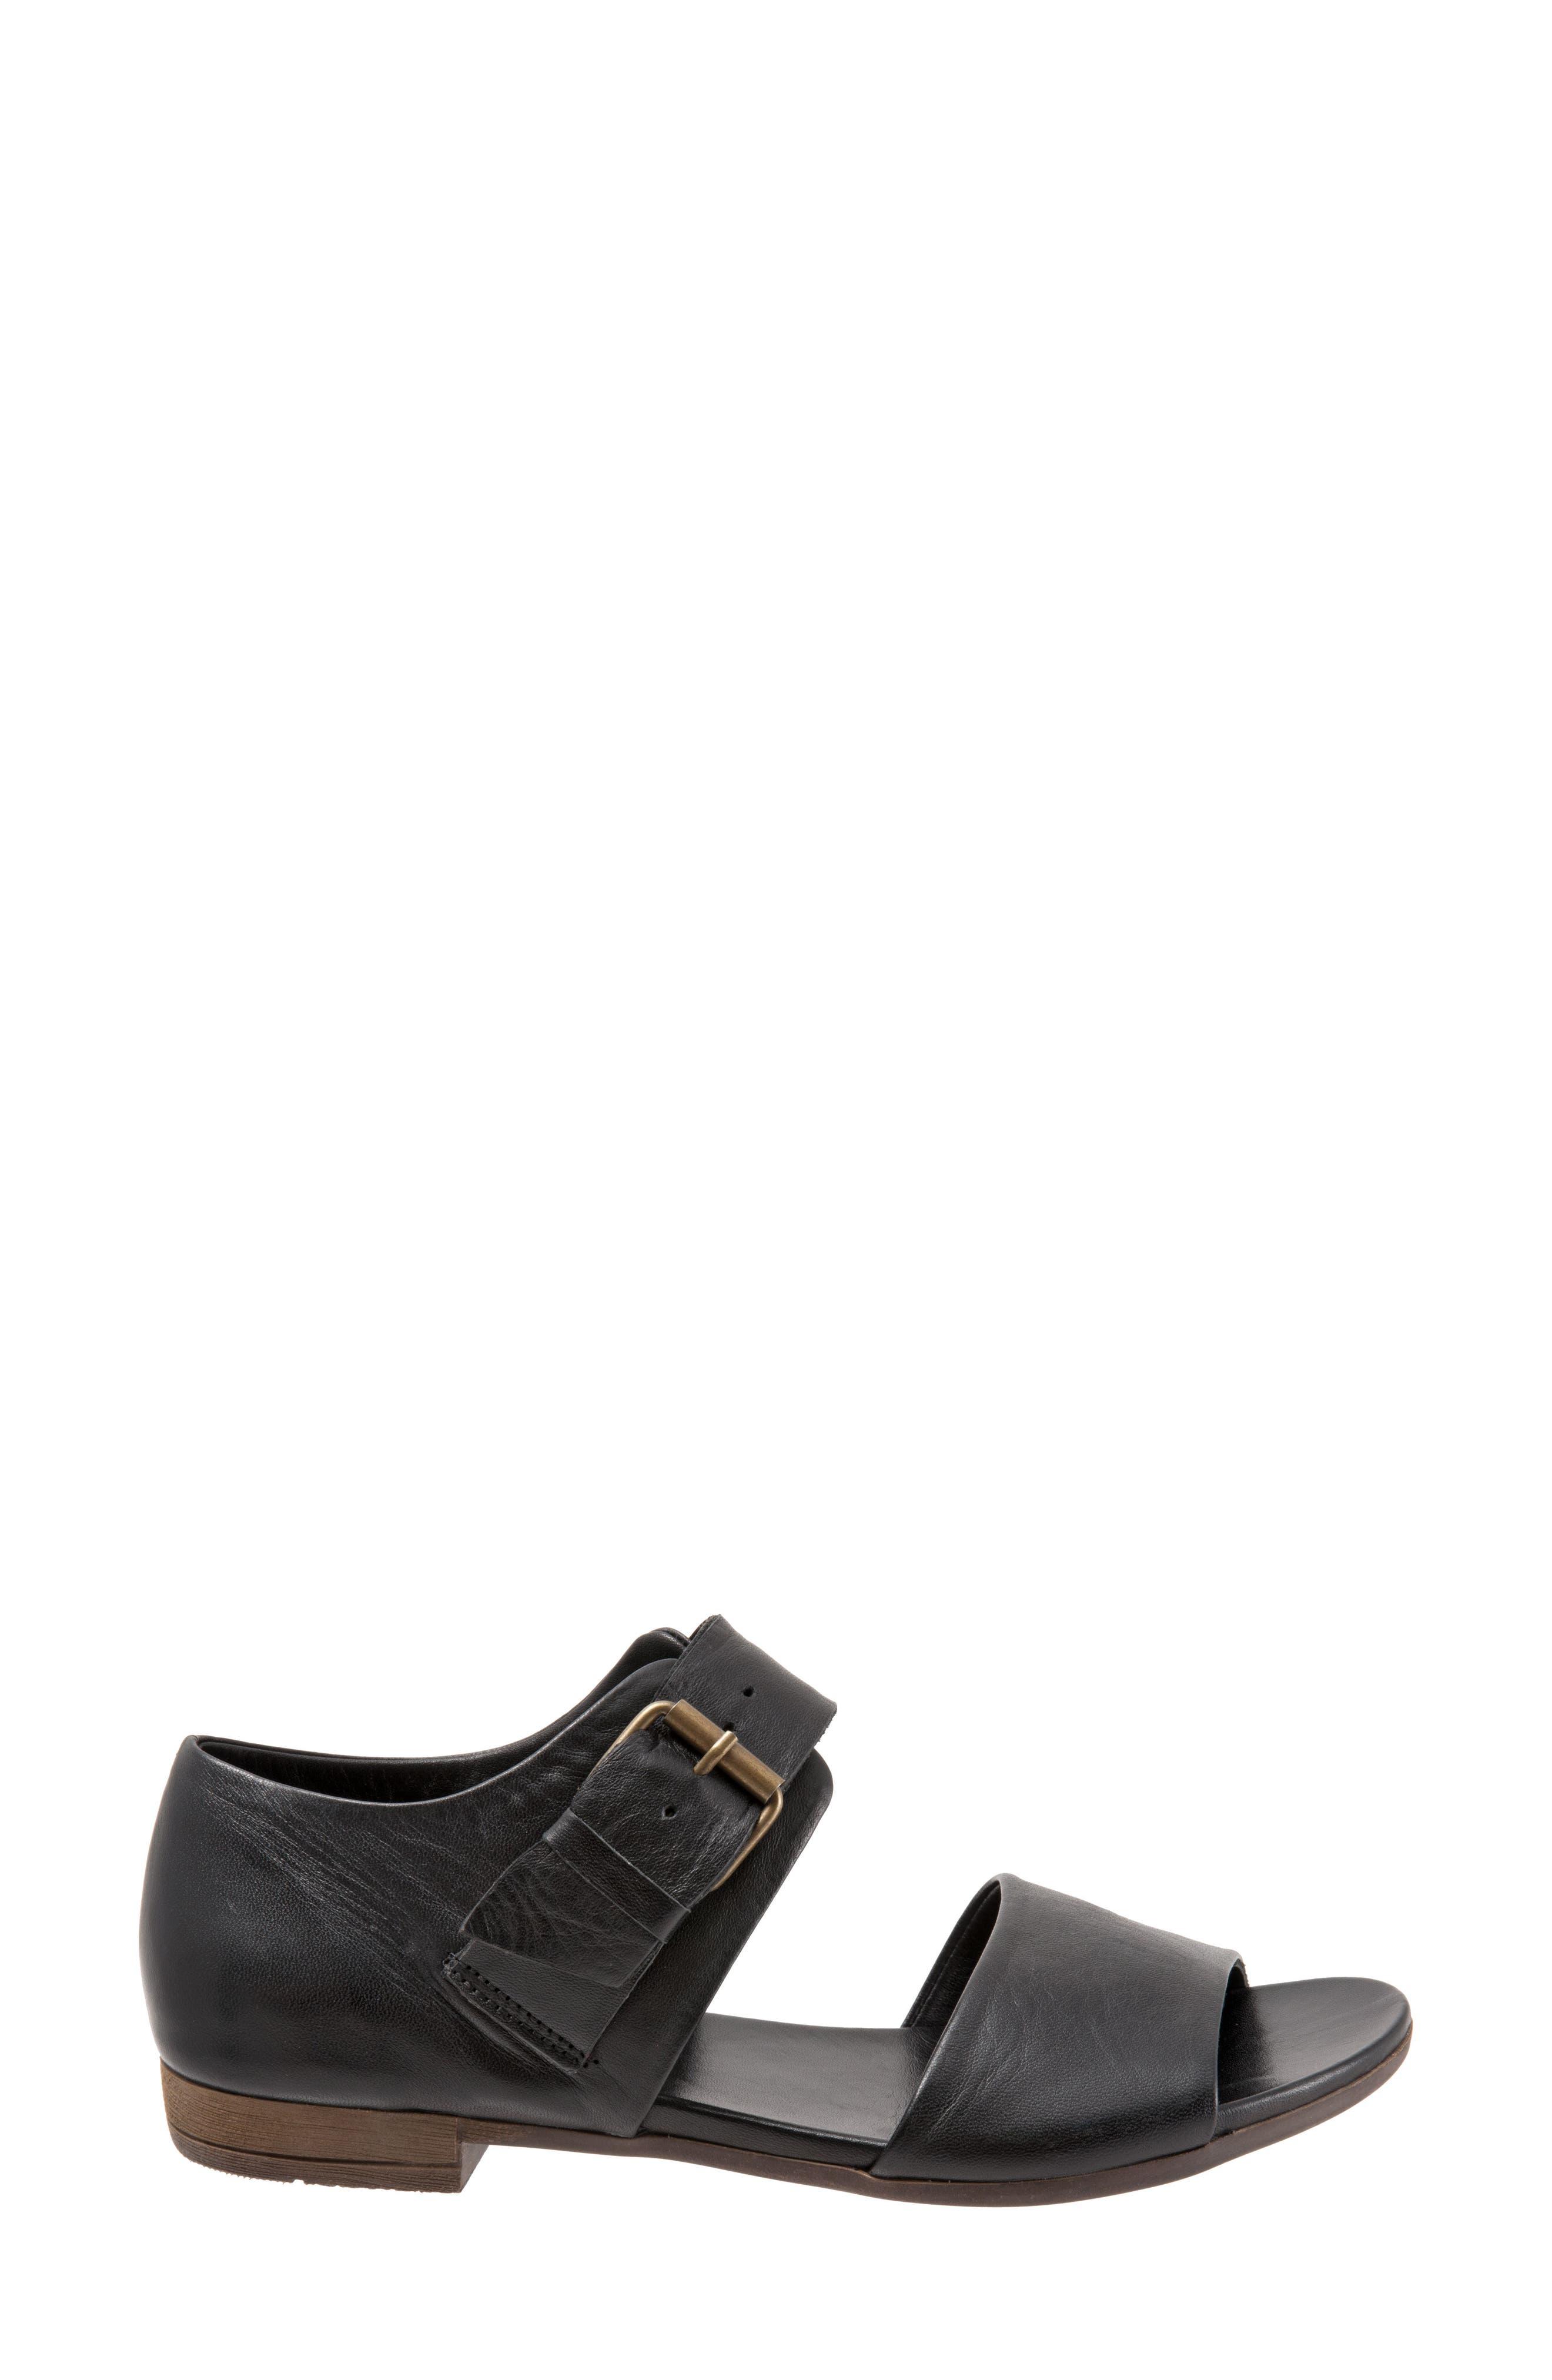 Talia Sandal,                             Alternate thumbnail 3, color,                             Black Leather